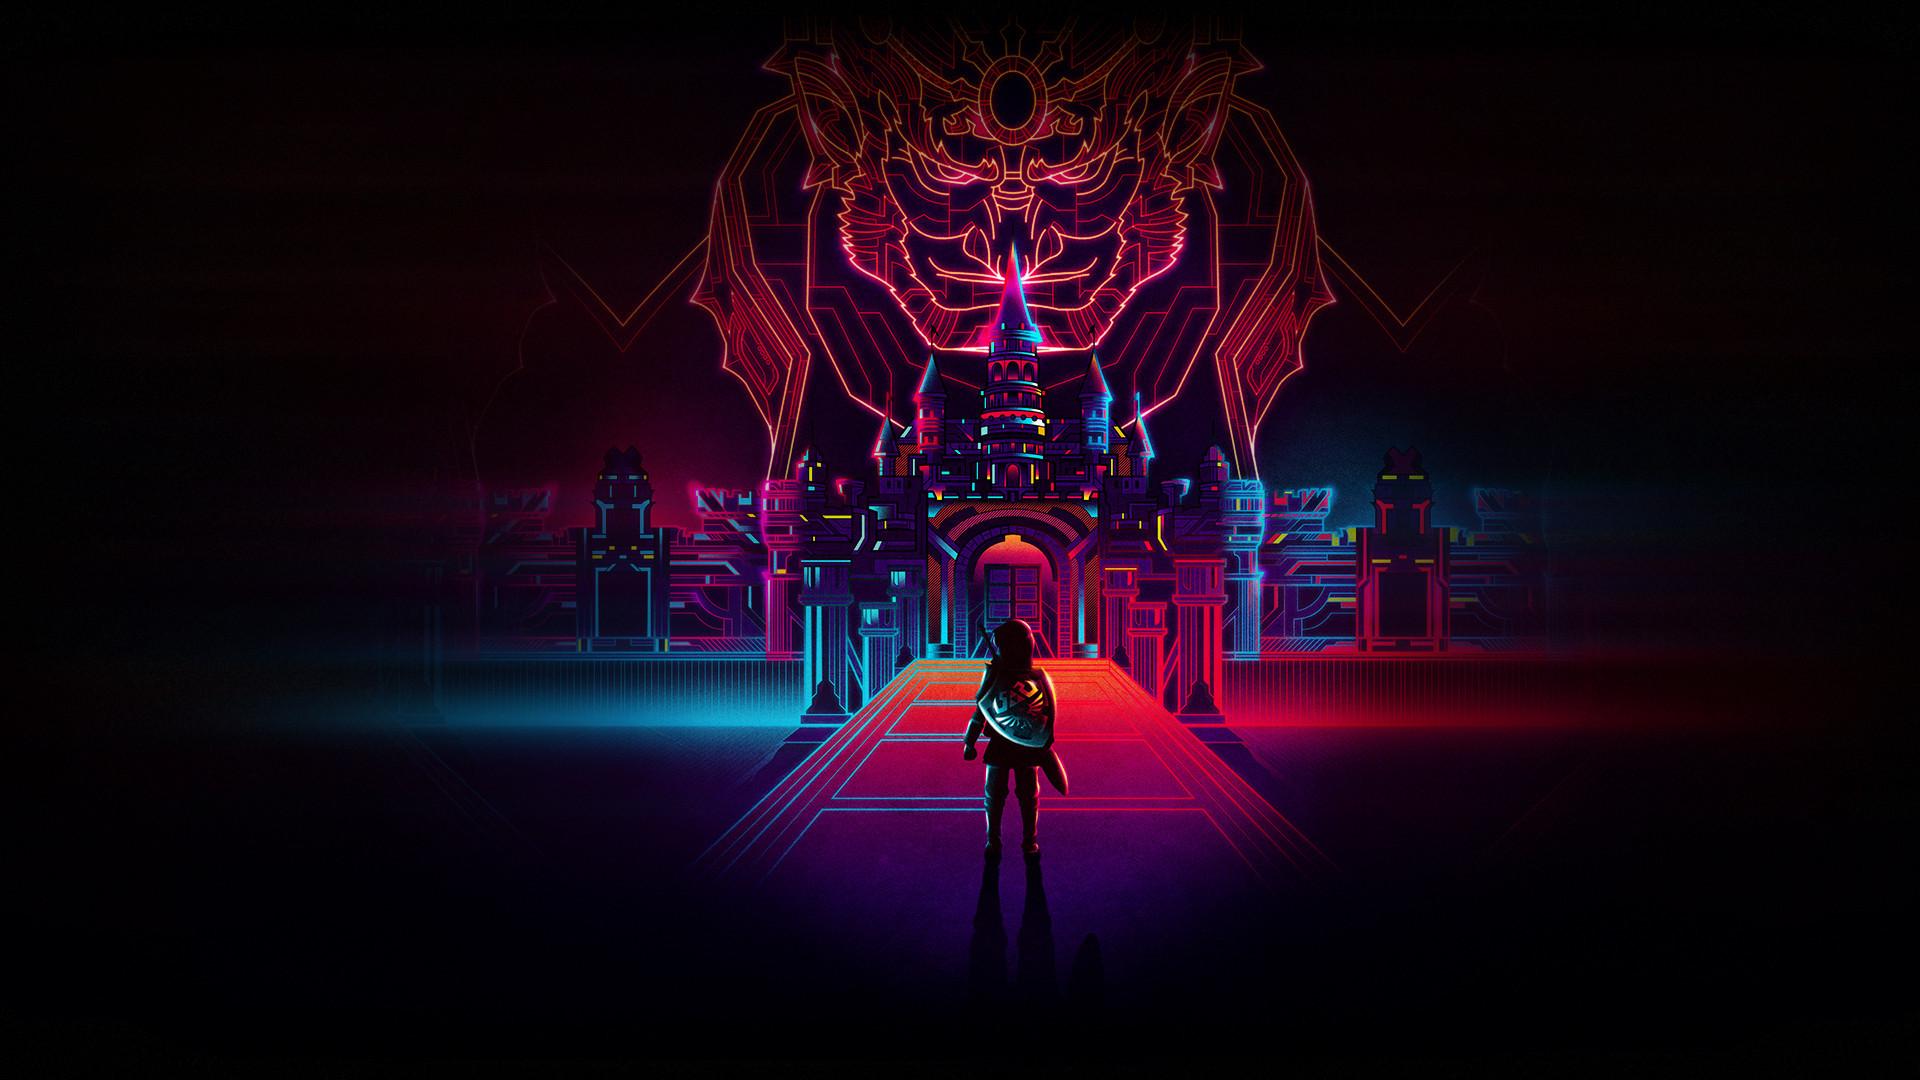 The Legend of Zelda, Retro, Neon art